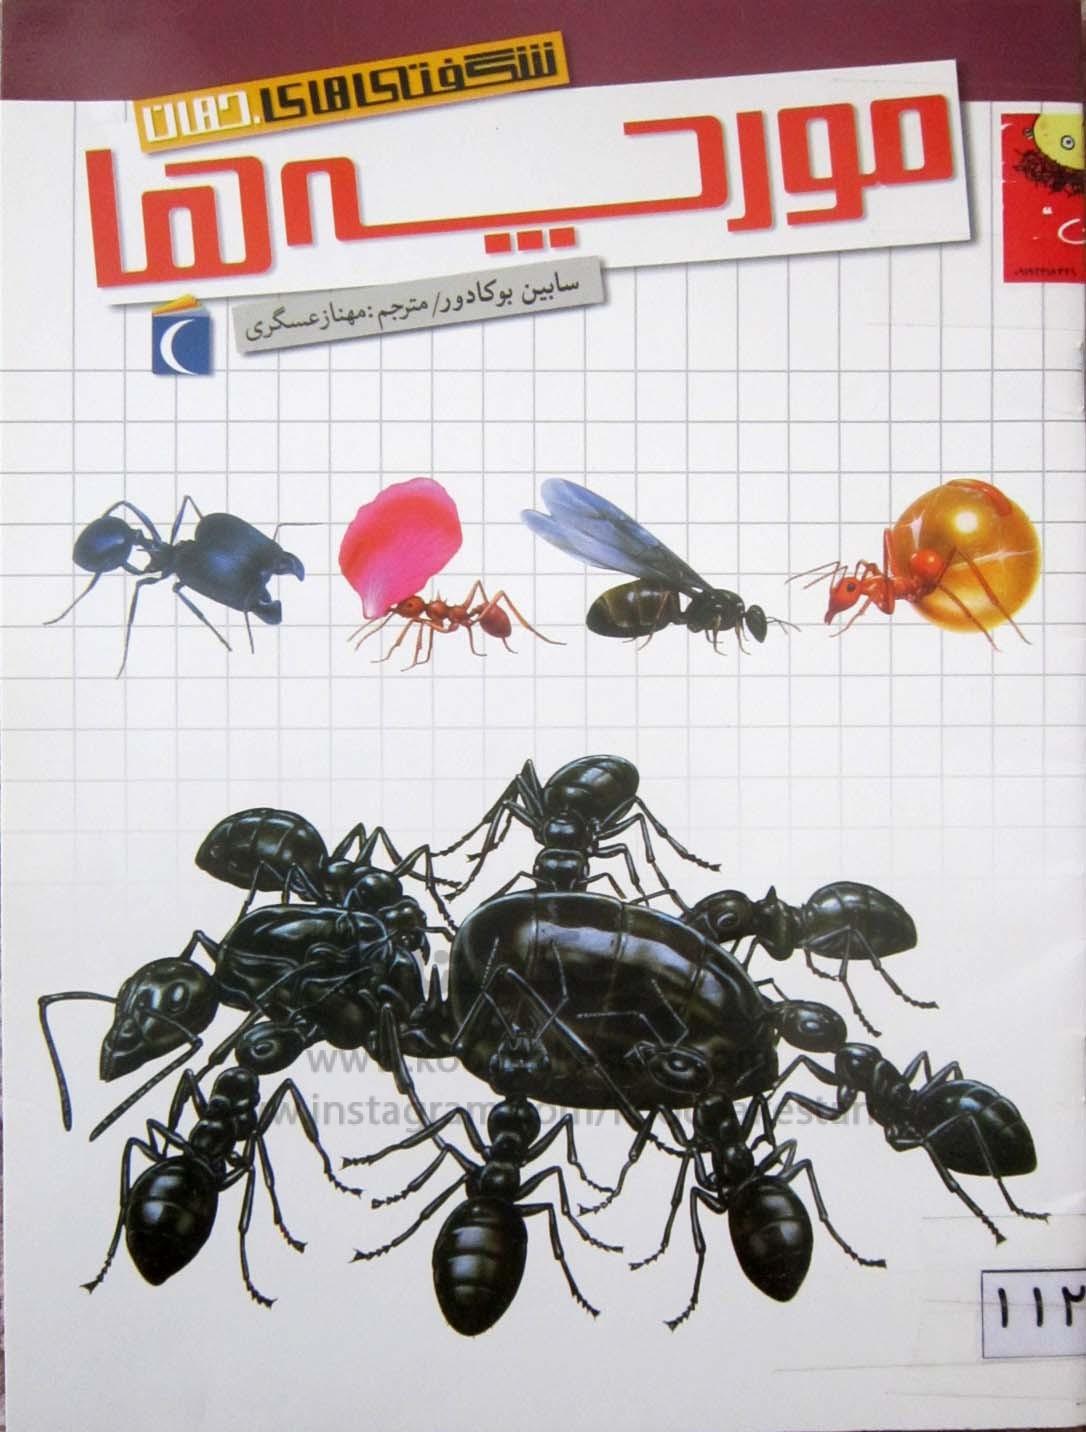 مورچه ها - کتابخانه کودک - کوچکستان